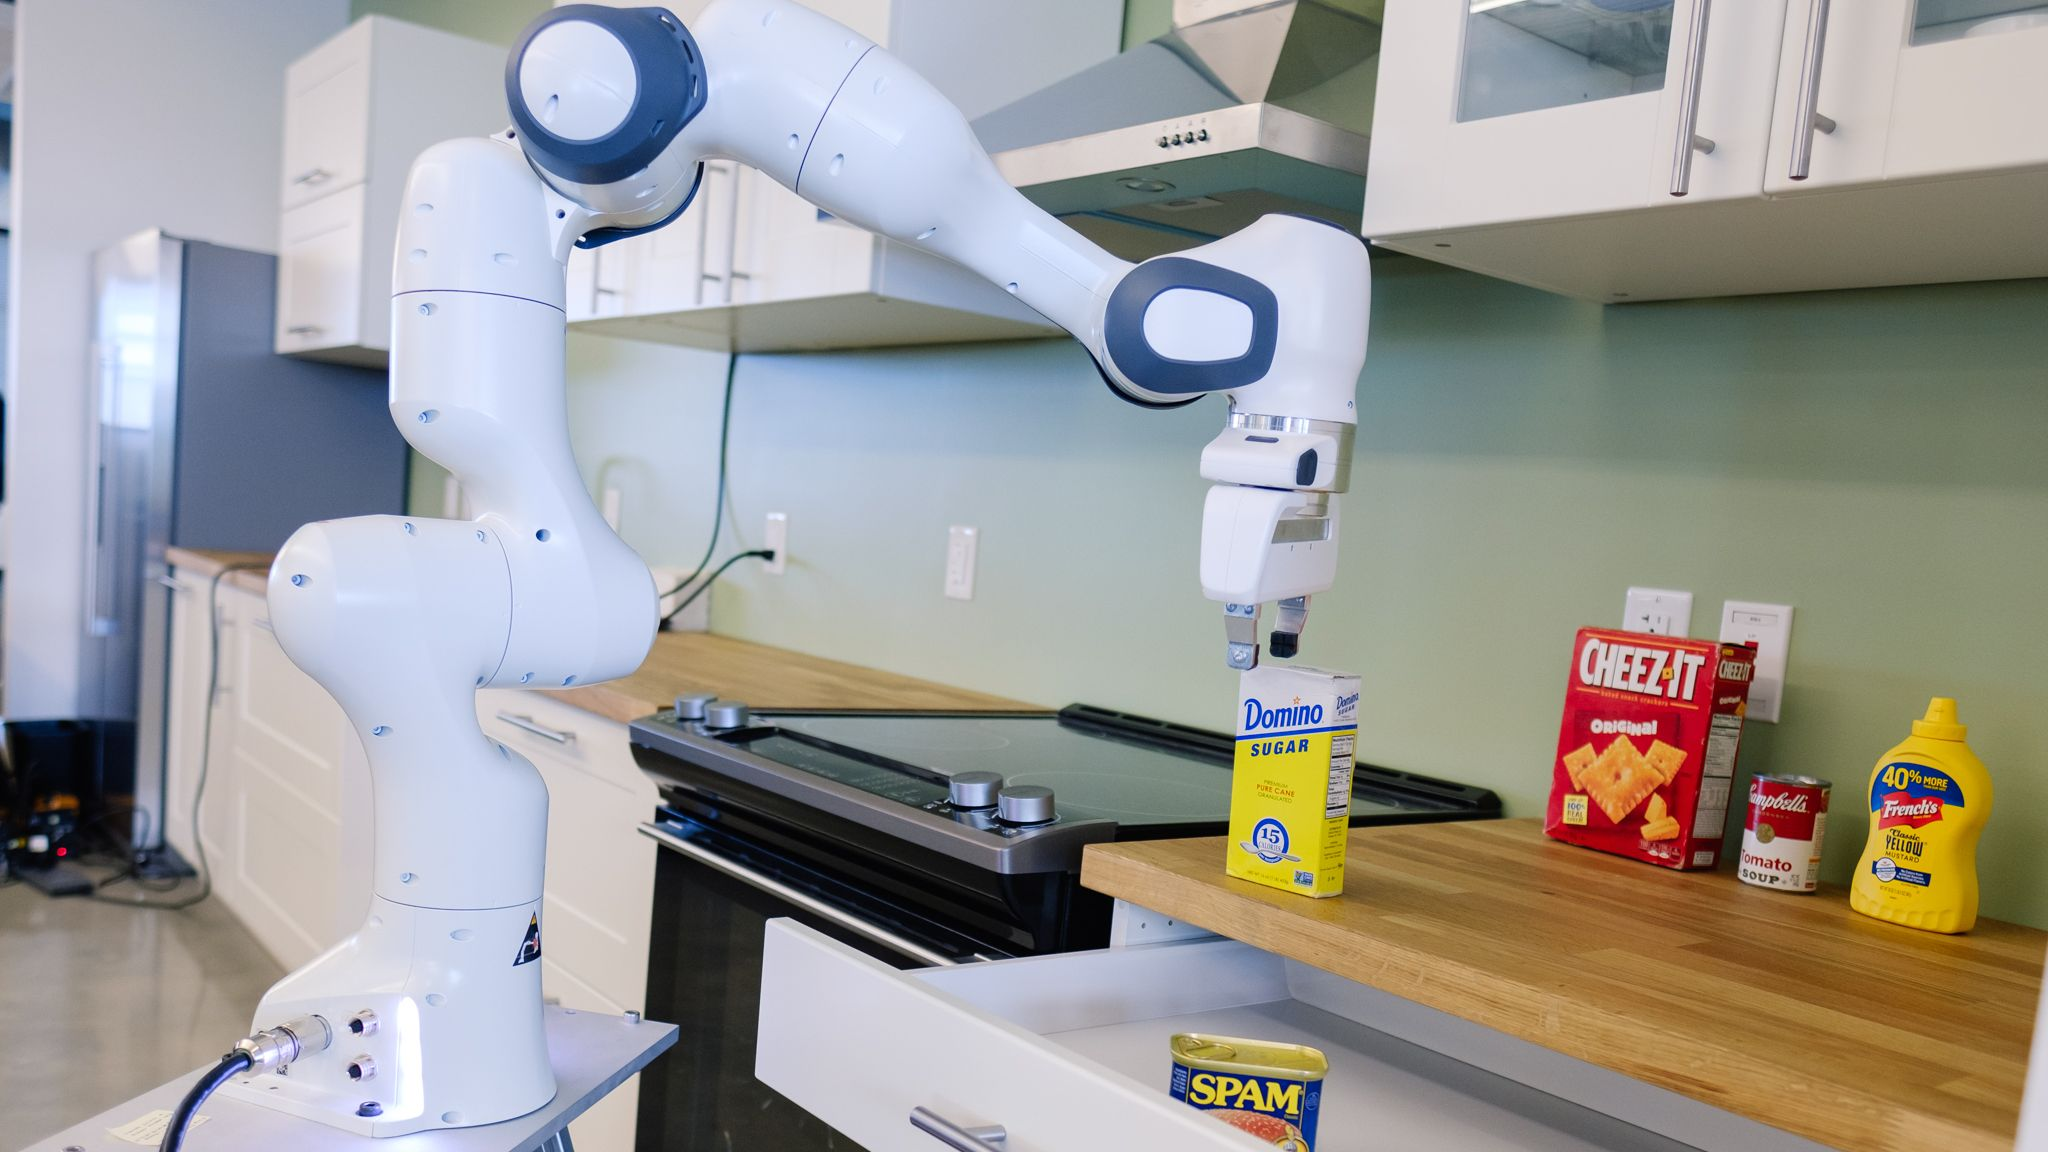 エヌビディアの新研究所、イケア製キッチンでAIロボットを訓練中